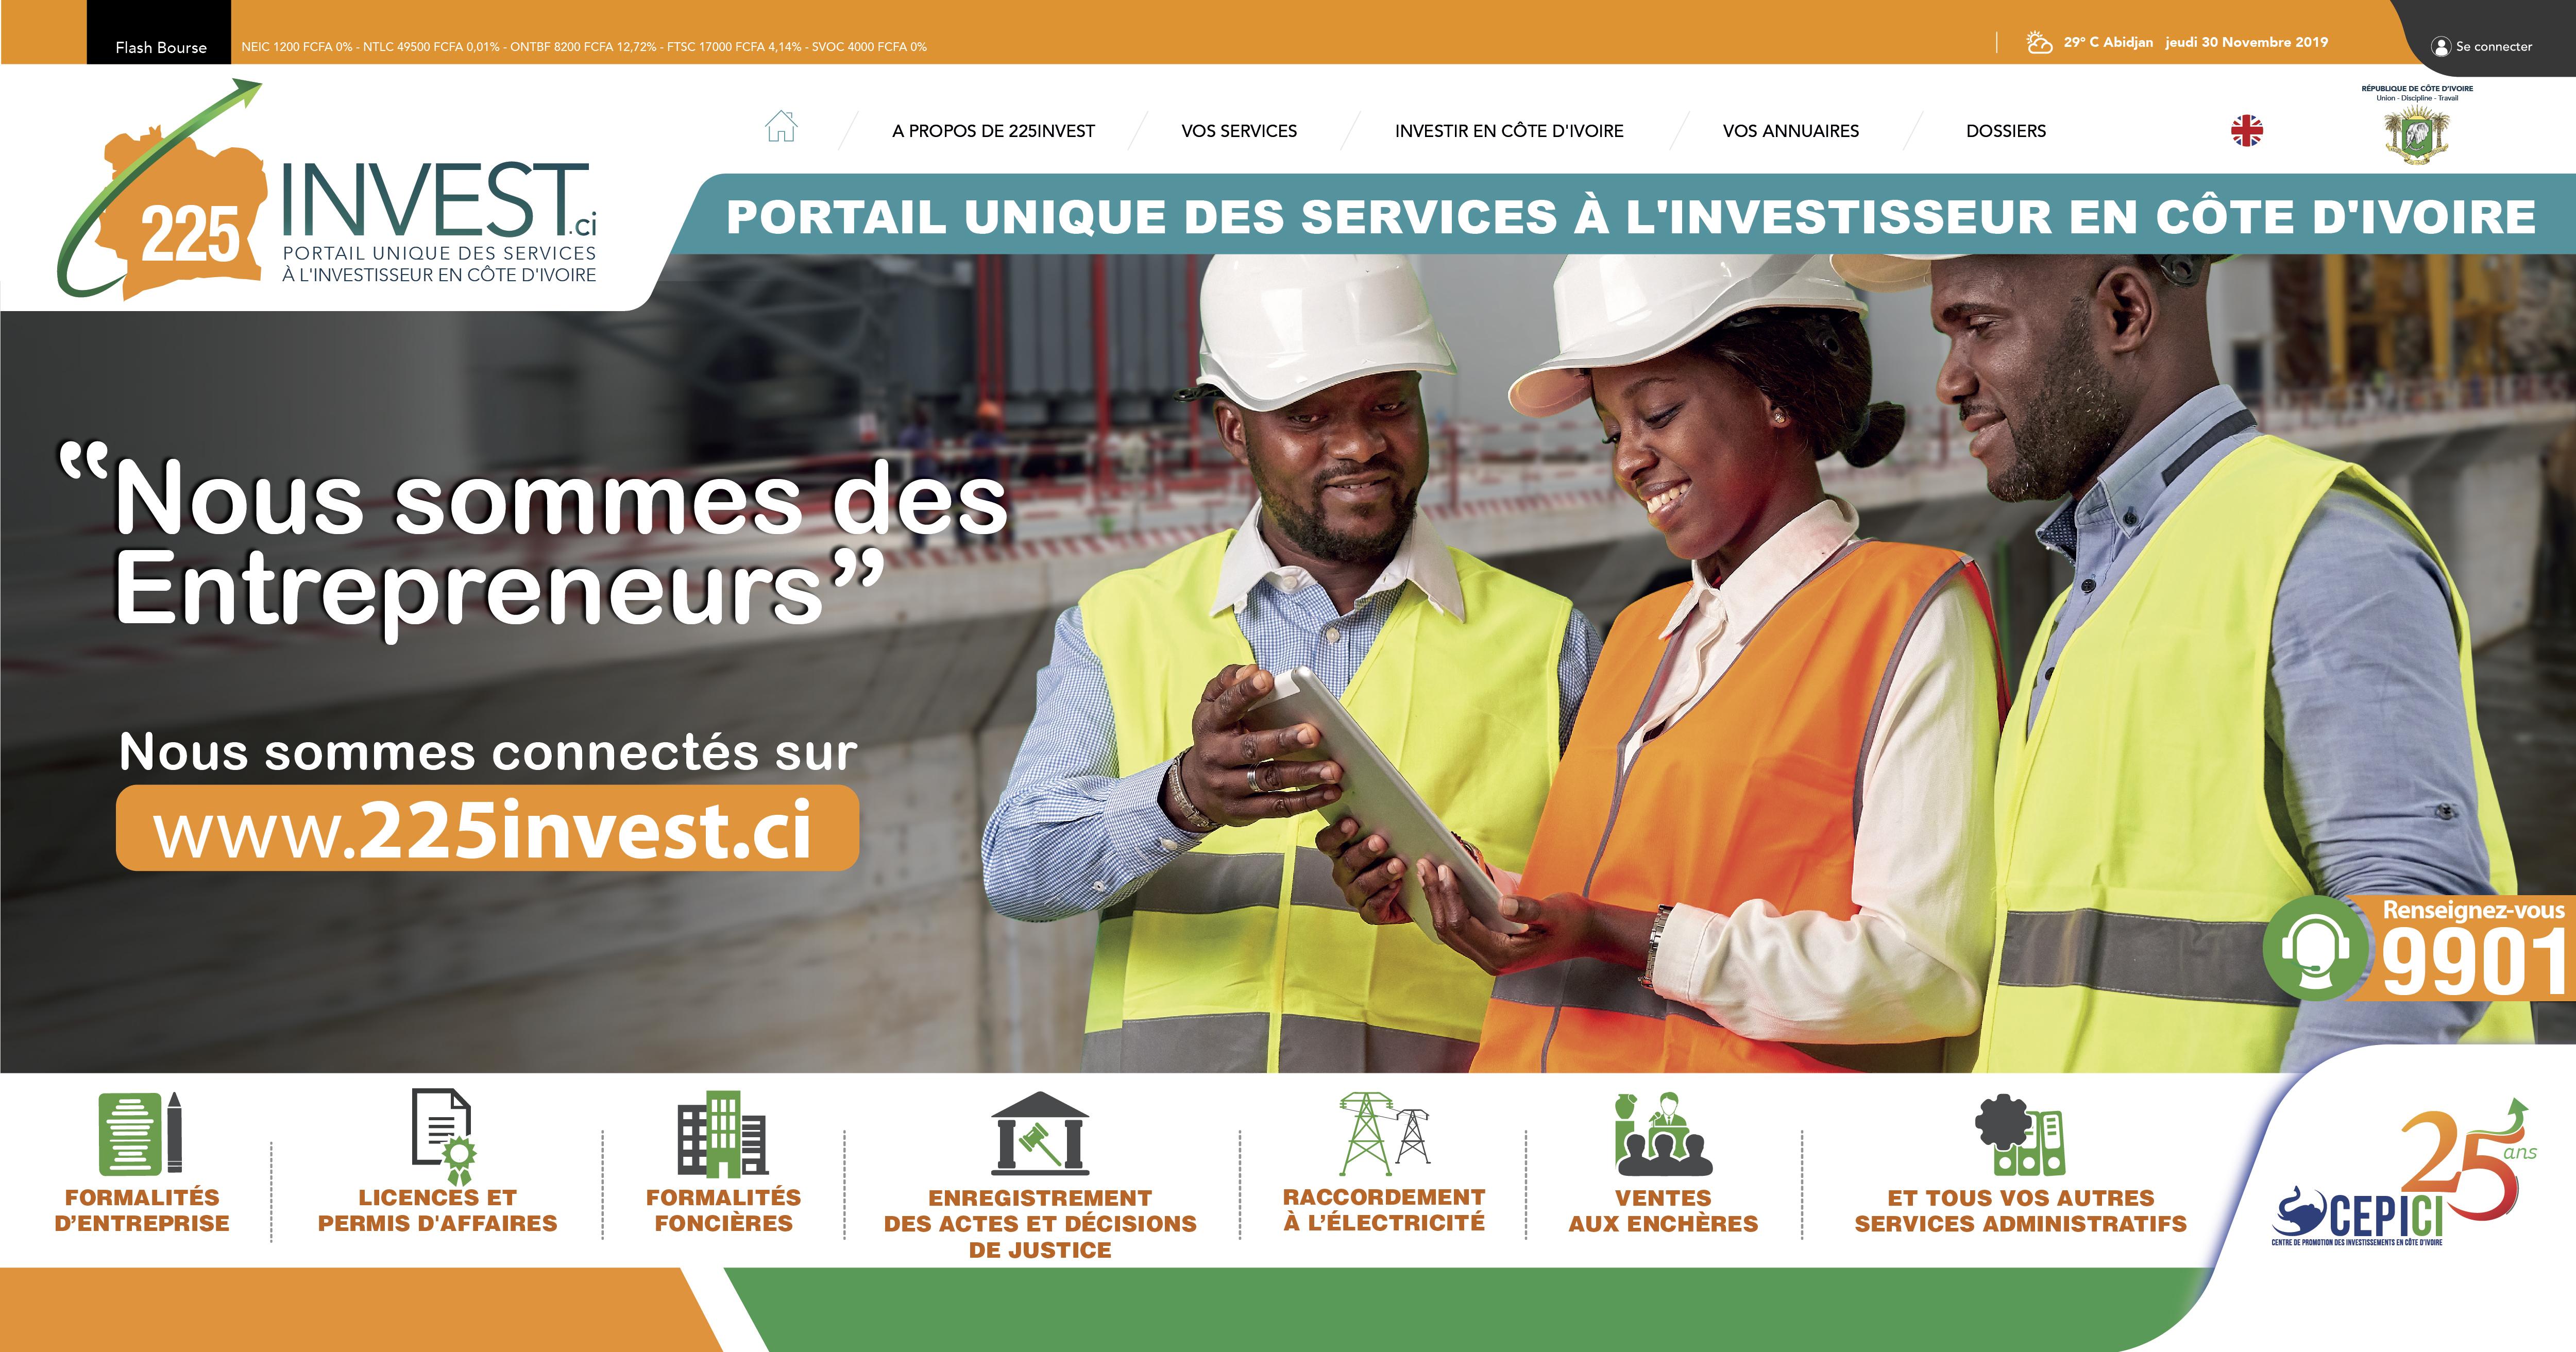 Image 225invest.ci, le portail qui révolutionne l'environnement des affaires en Côte d'Ivoire.